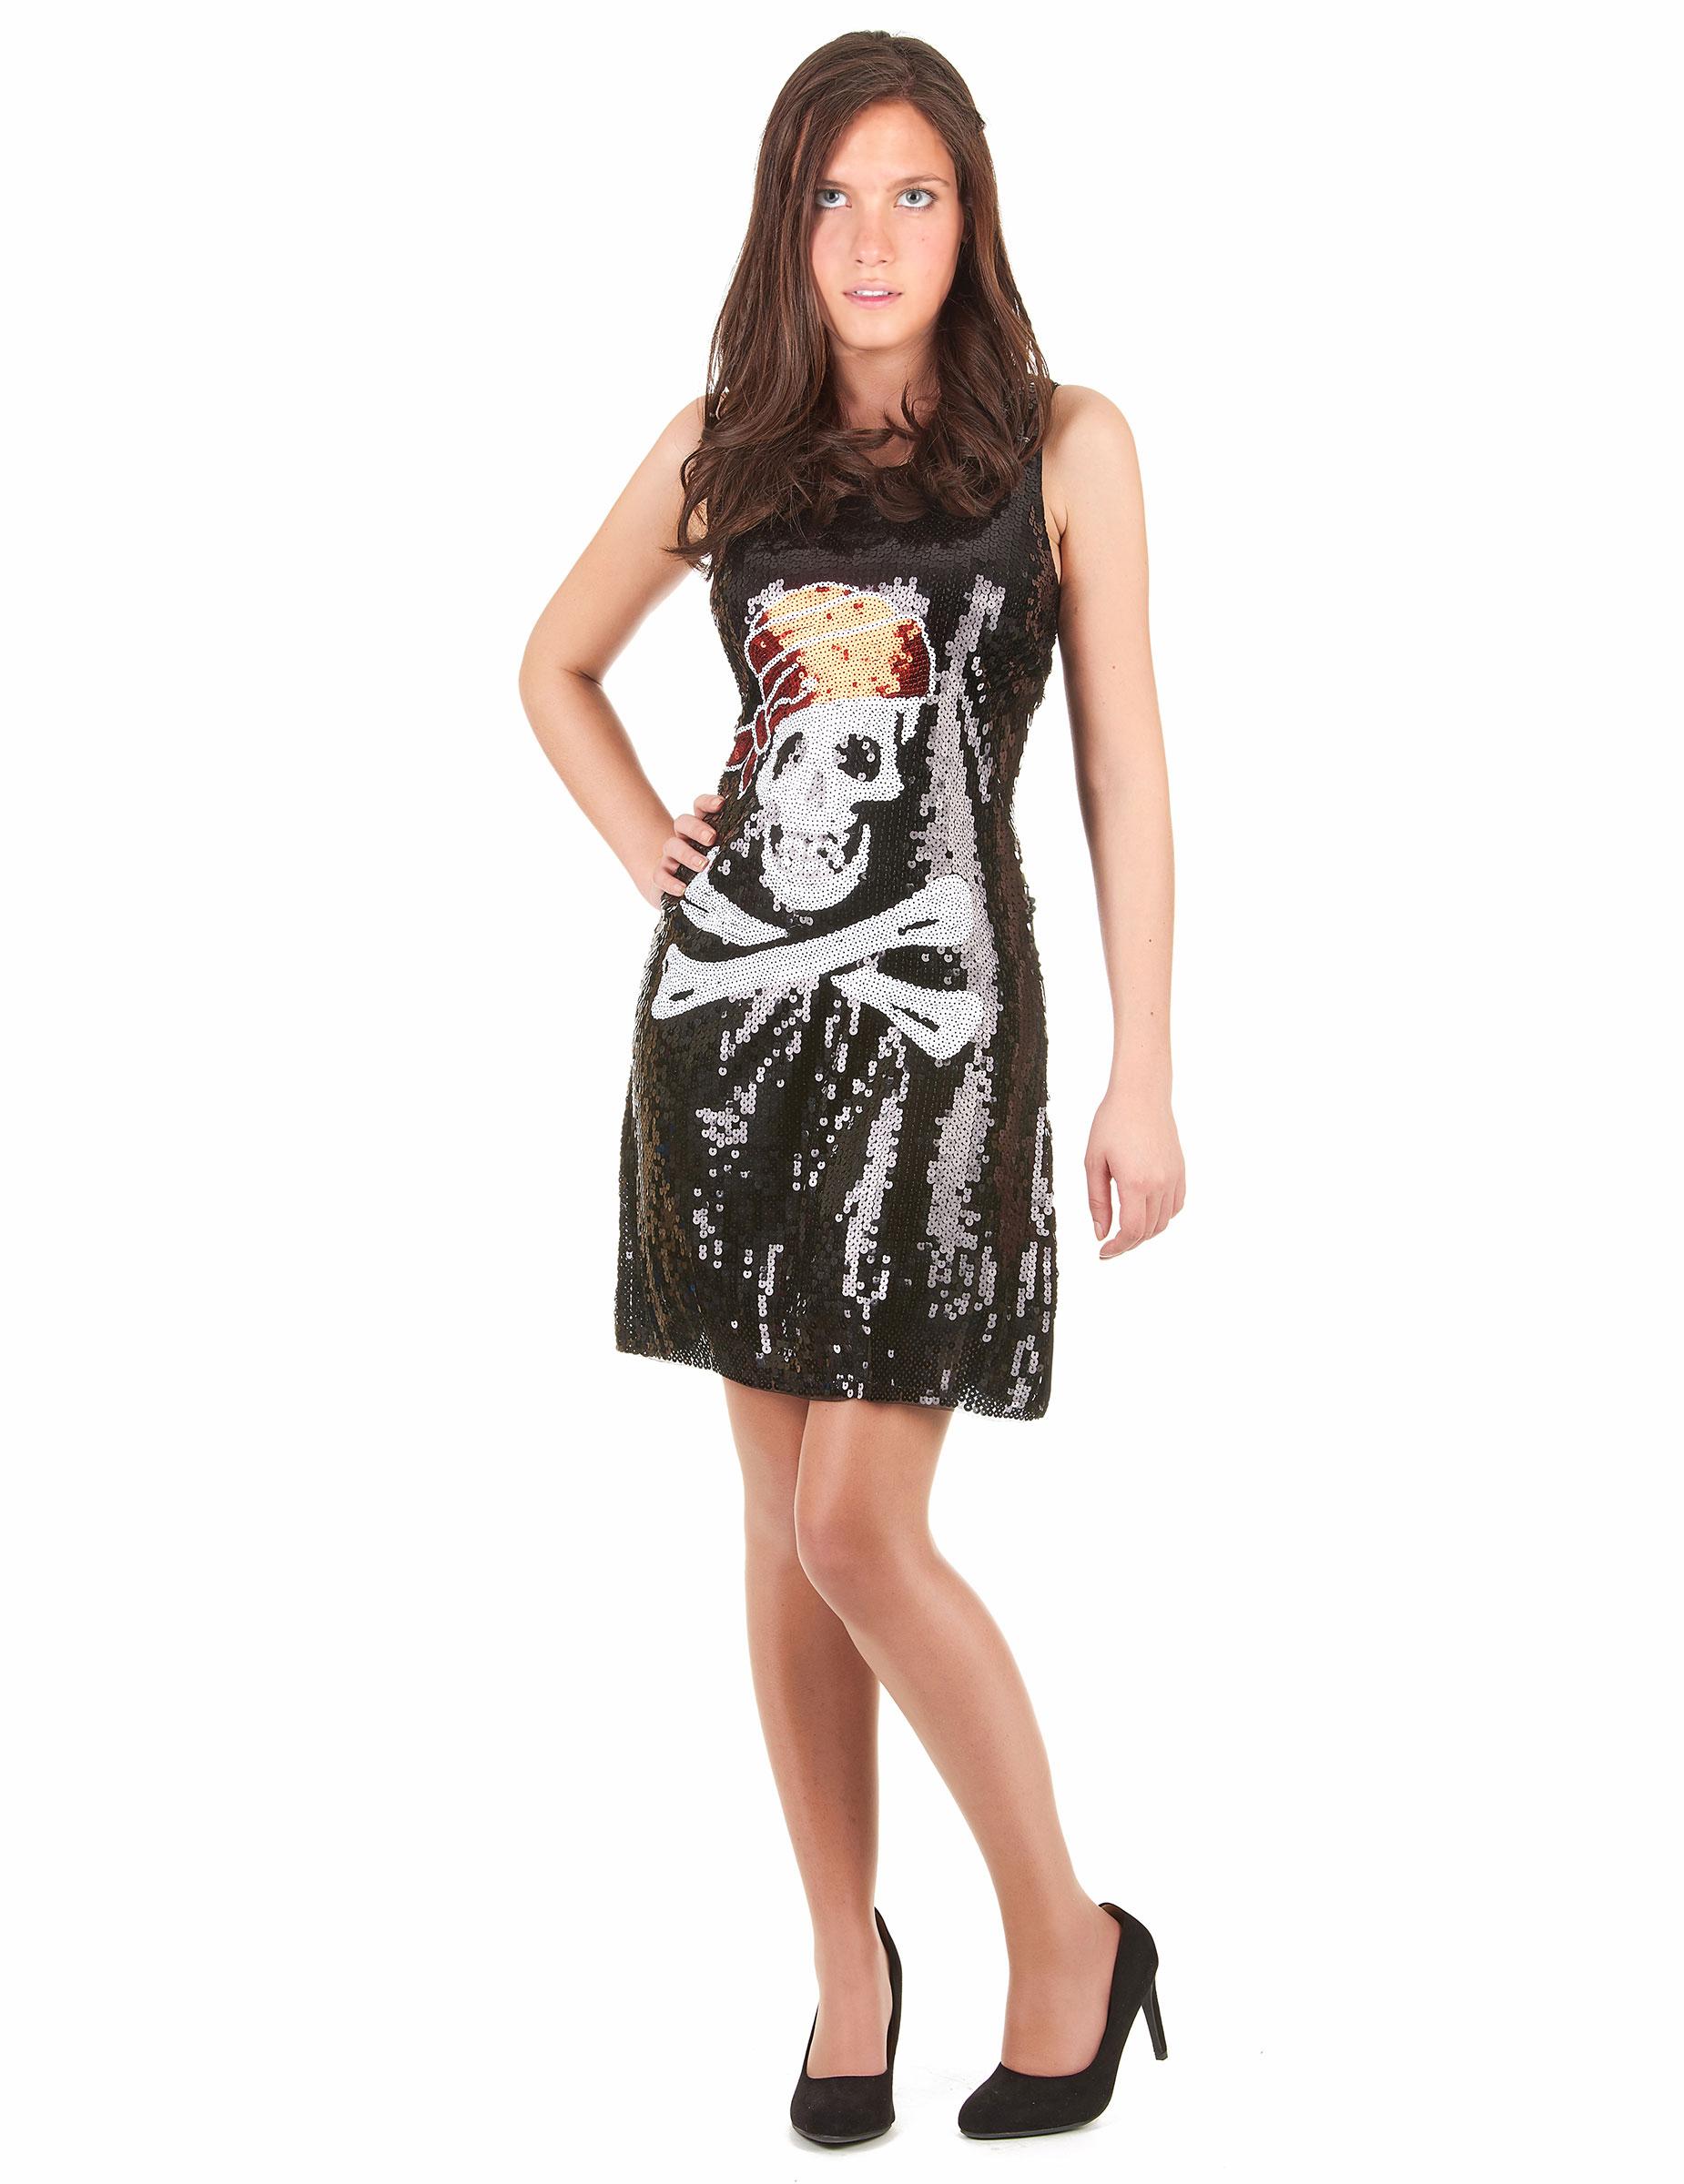 size 40 e92a4 836a5 Piratin Pailletten-Kleid Totenkopf schwarz-weiss-rot